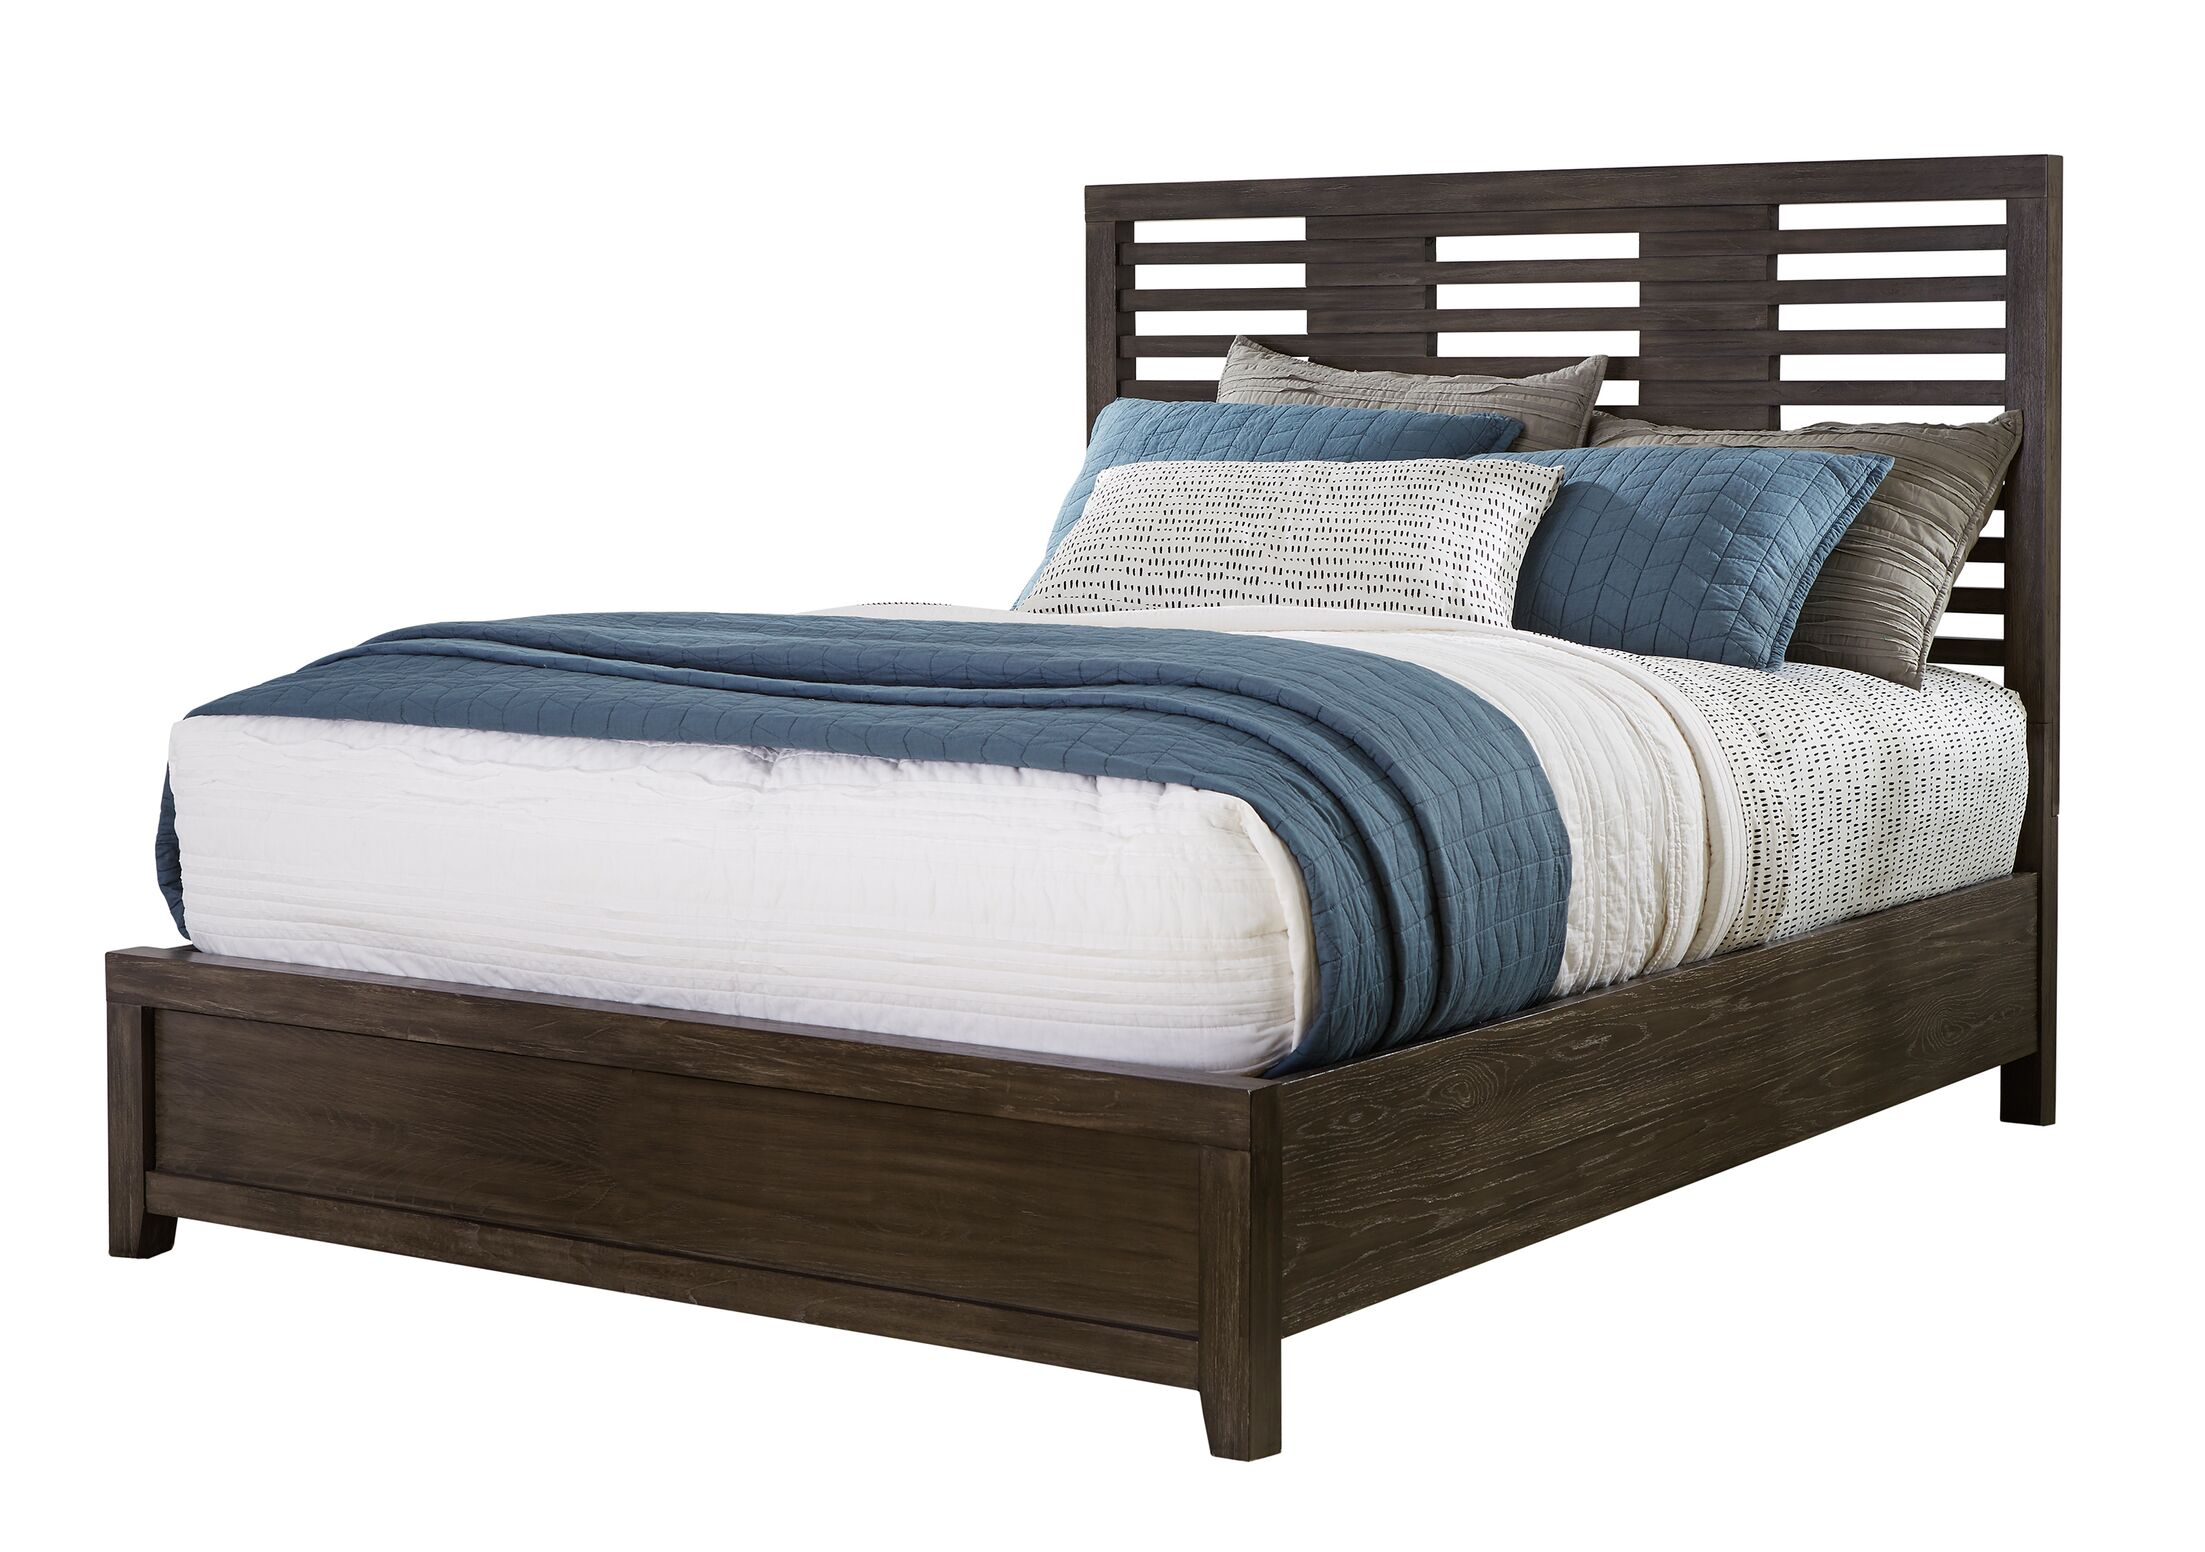 Vickrey Wood Platform Bed Size: King